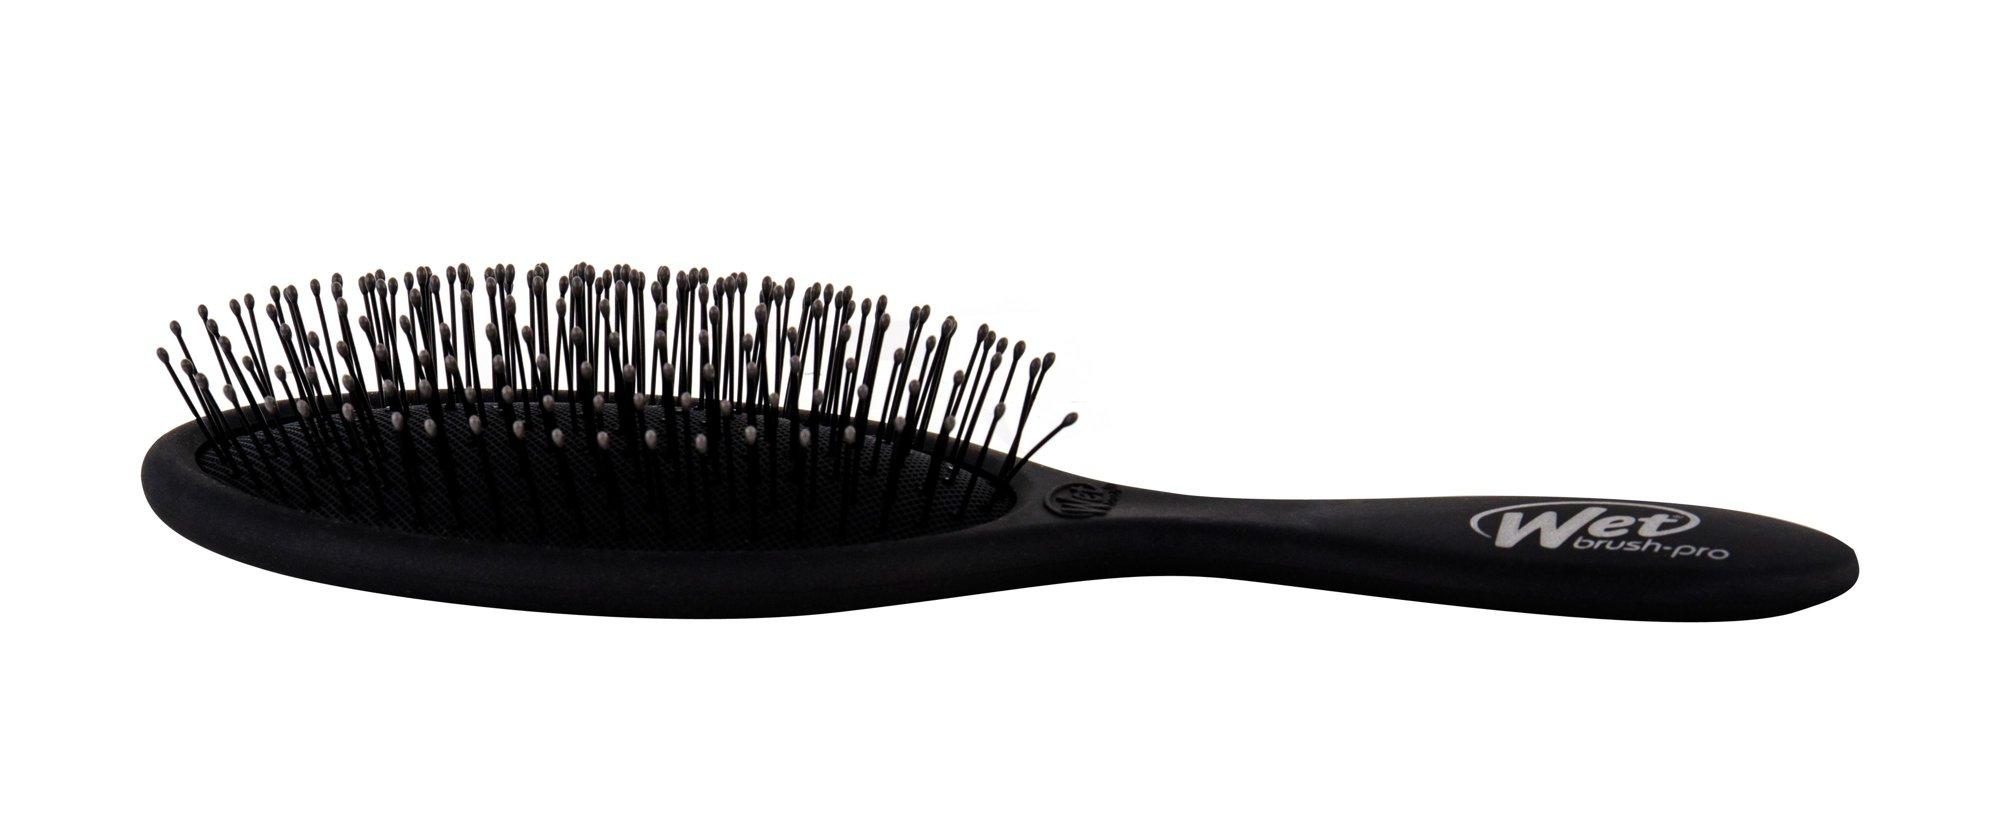 Wet Brush Detangle Professional Hairbrush 1ml